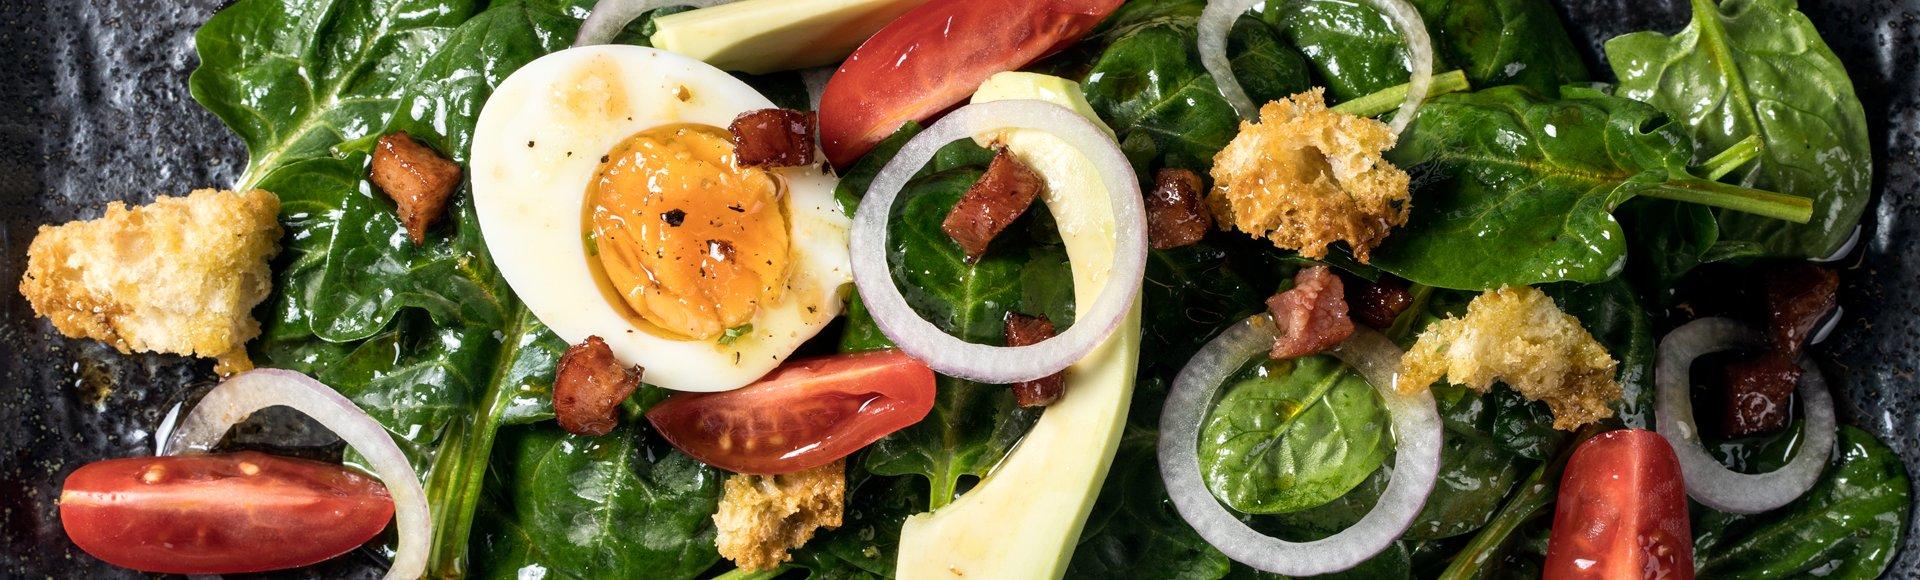 Σαλάτα σπανάκι με μπέικον